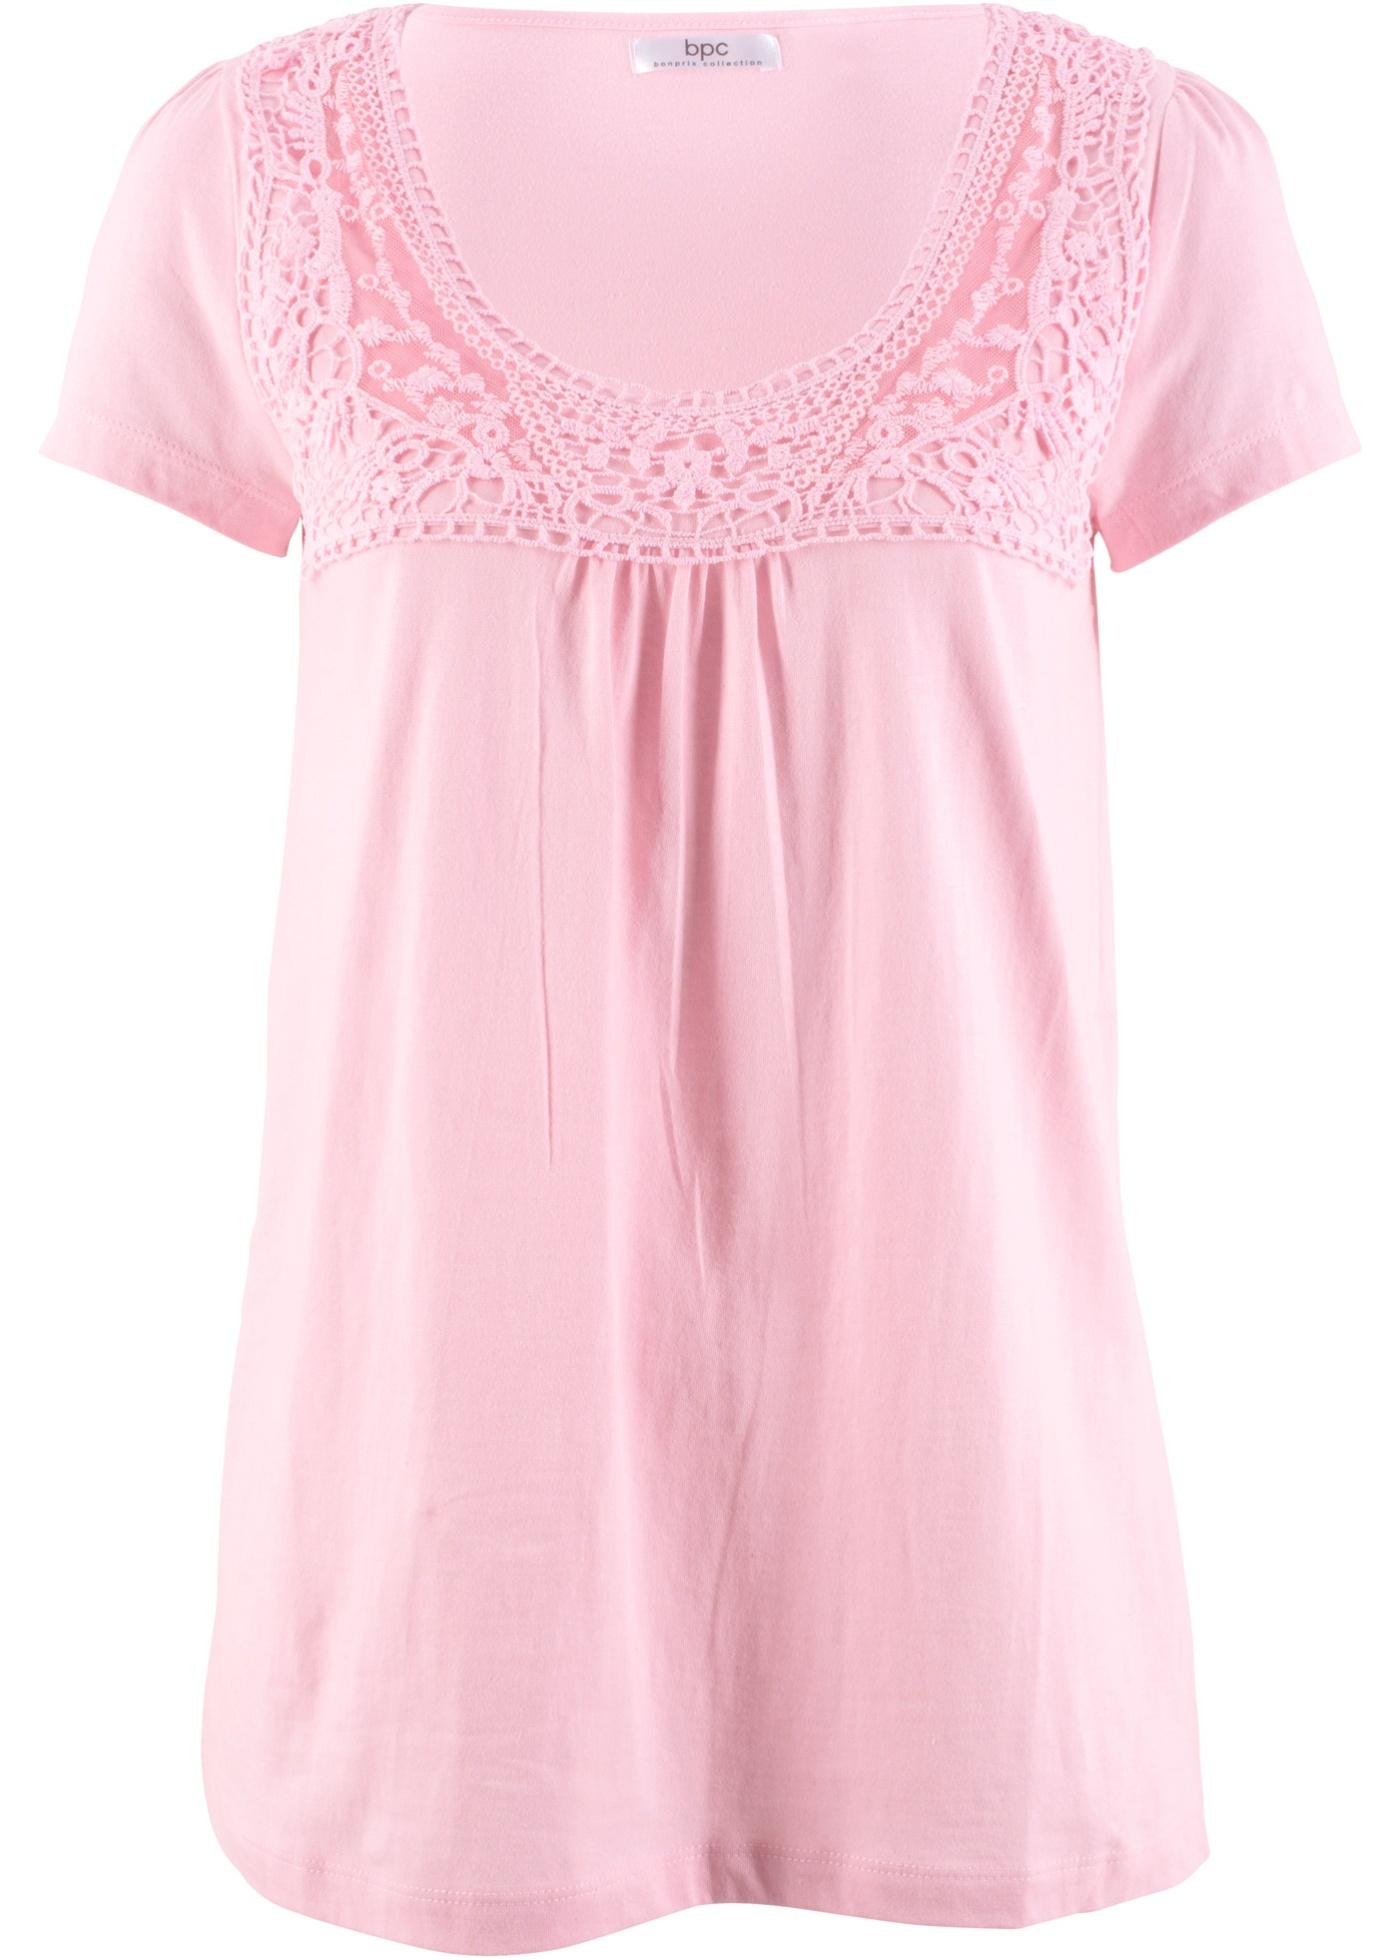 Rose Courtes Bonprix Bpc Coton À shirt Femme CollectionT DentelleManches Pour QodBxEreWC